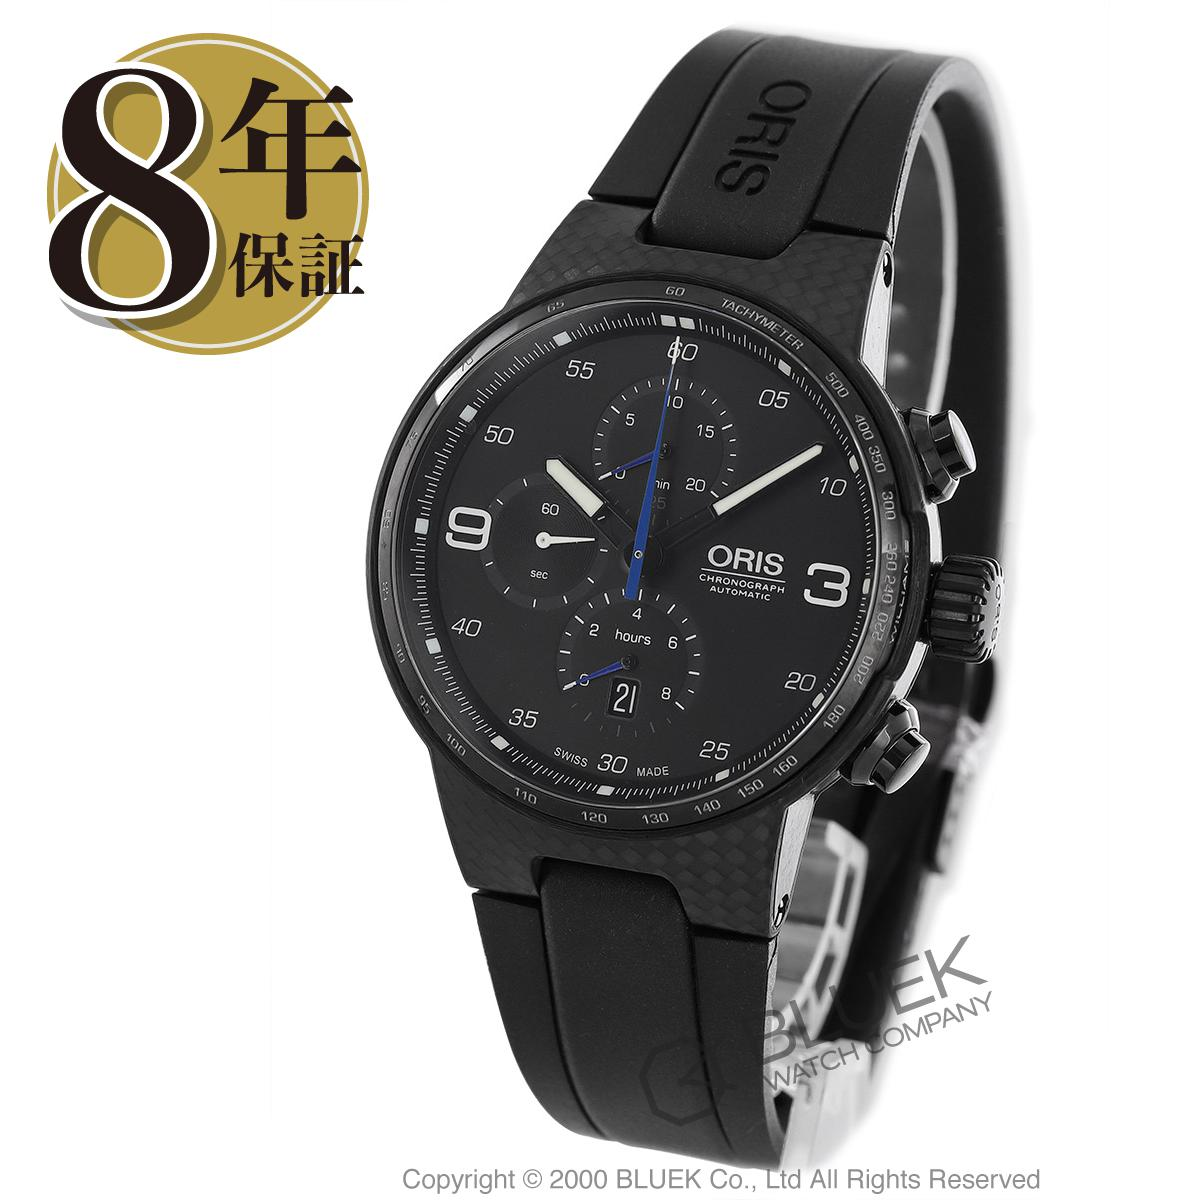 オリス ウィリアムズ カーボンファイバーエクストリーム クロノグラフ 腕時計 メンズ ORIS 674 7725 8764R_8 バーゲン ギフト プレゼント